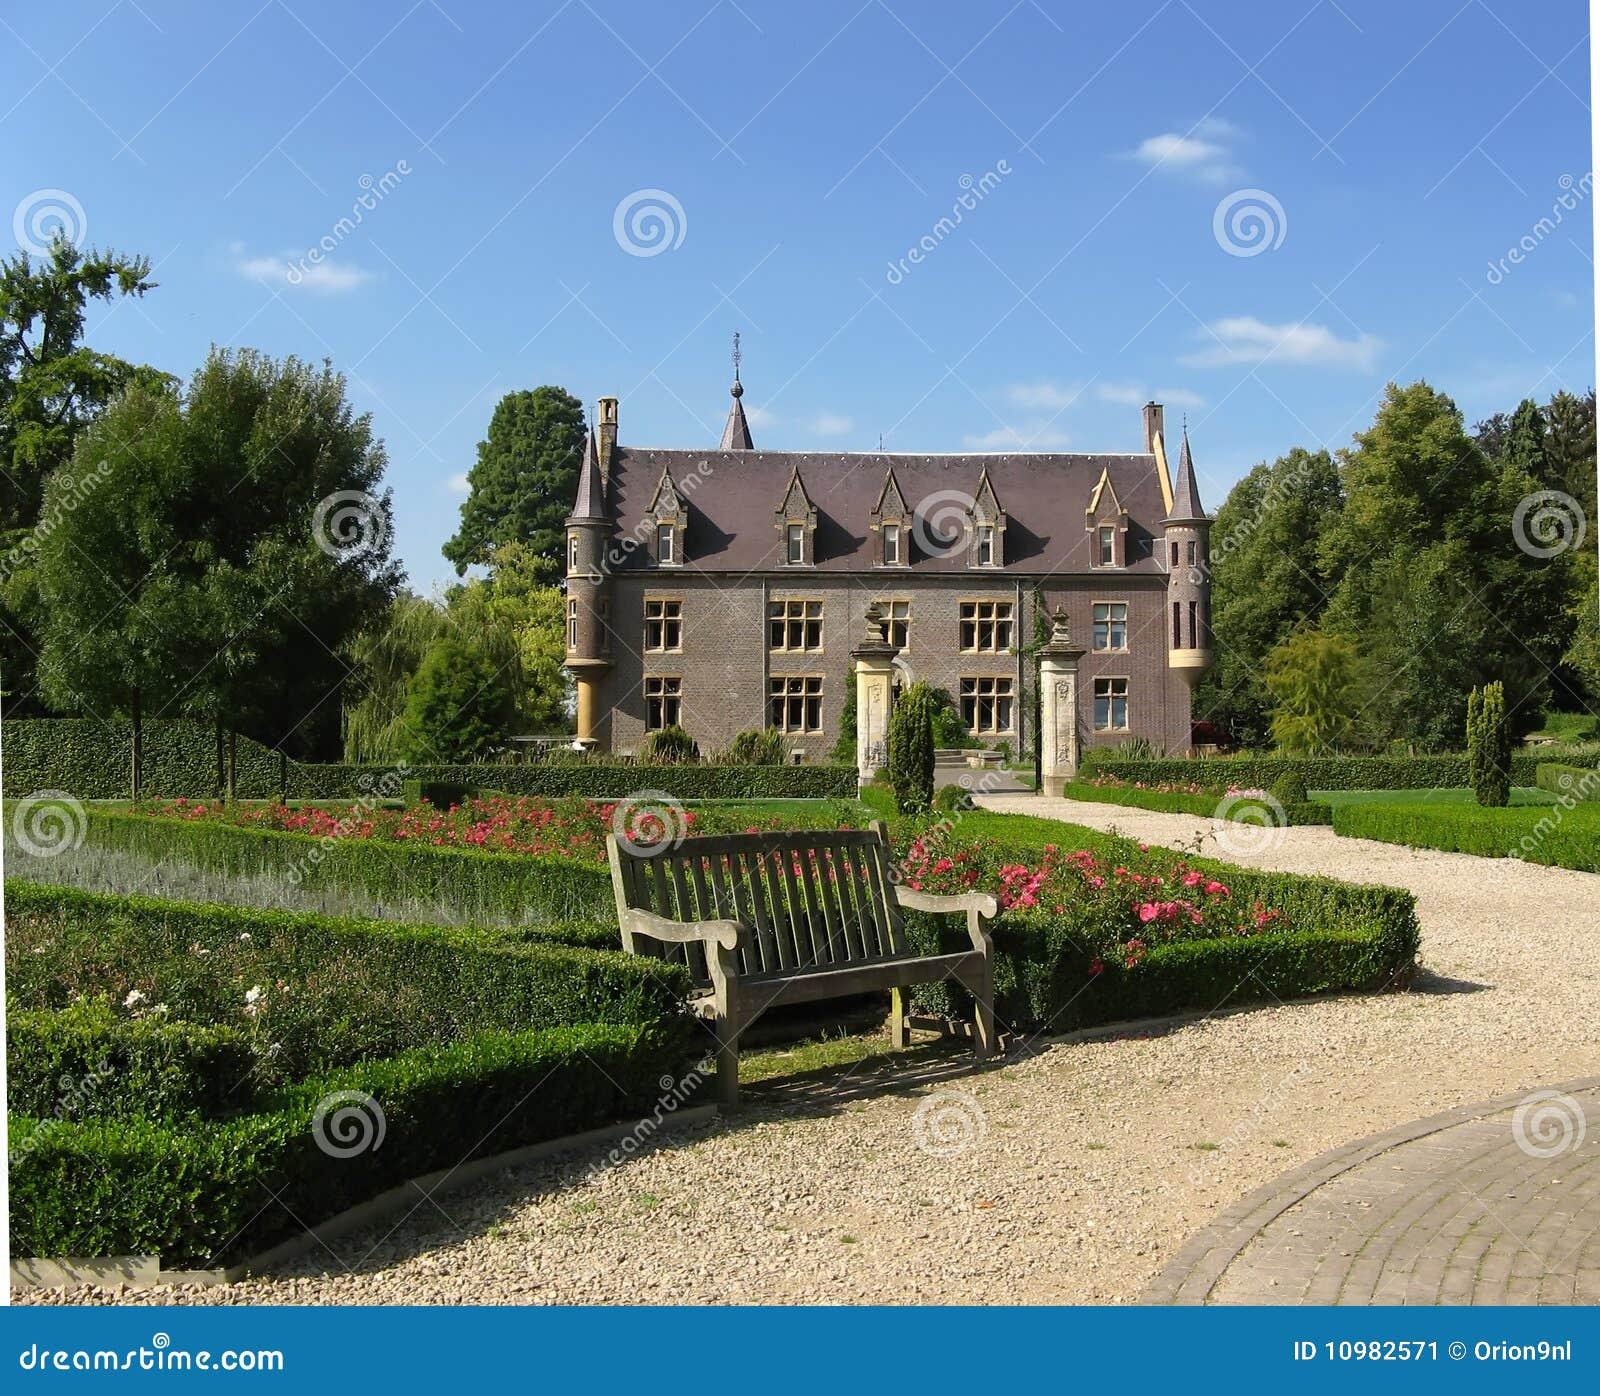 Download Schloss Terworm und Garten stockbild. Bild von rosen - 10982571